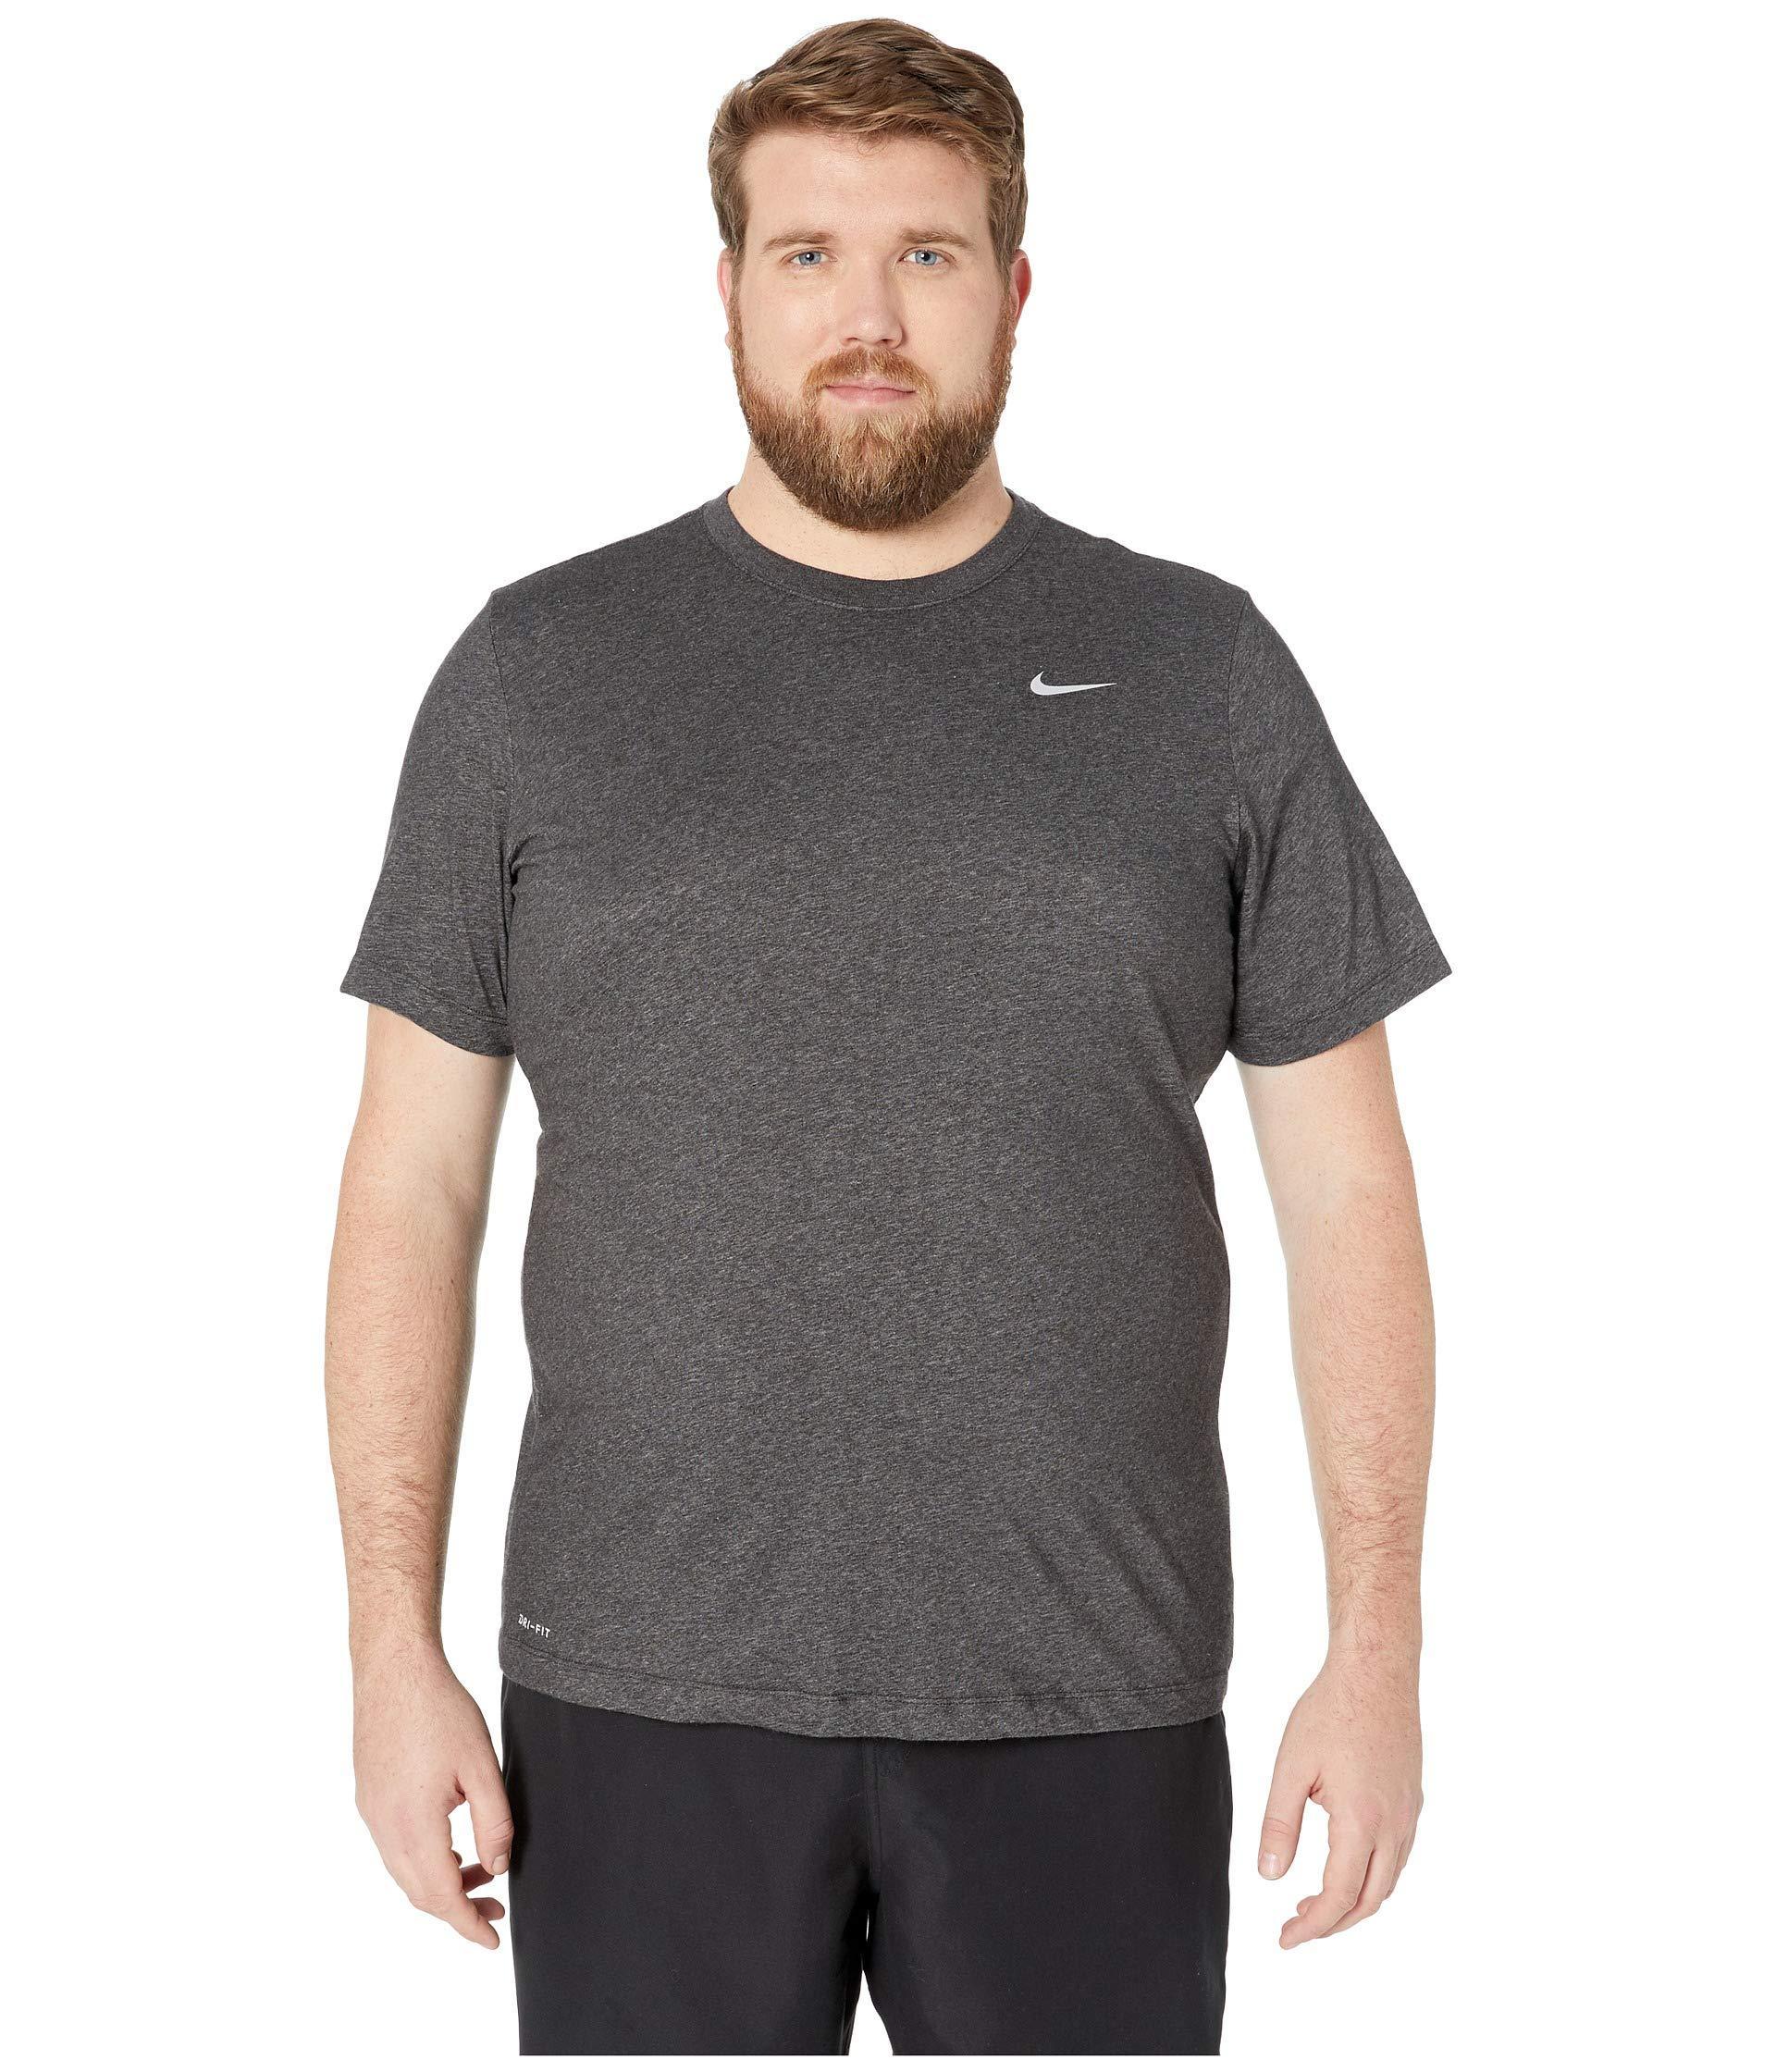 d21f3104 Lyst - Nike Big Tall Dry Tee Dri-fit Cotton Crew Solid (carbon ...